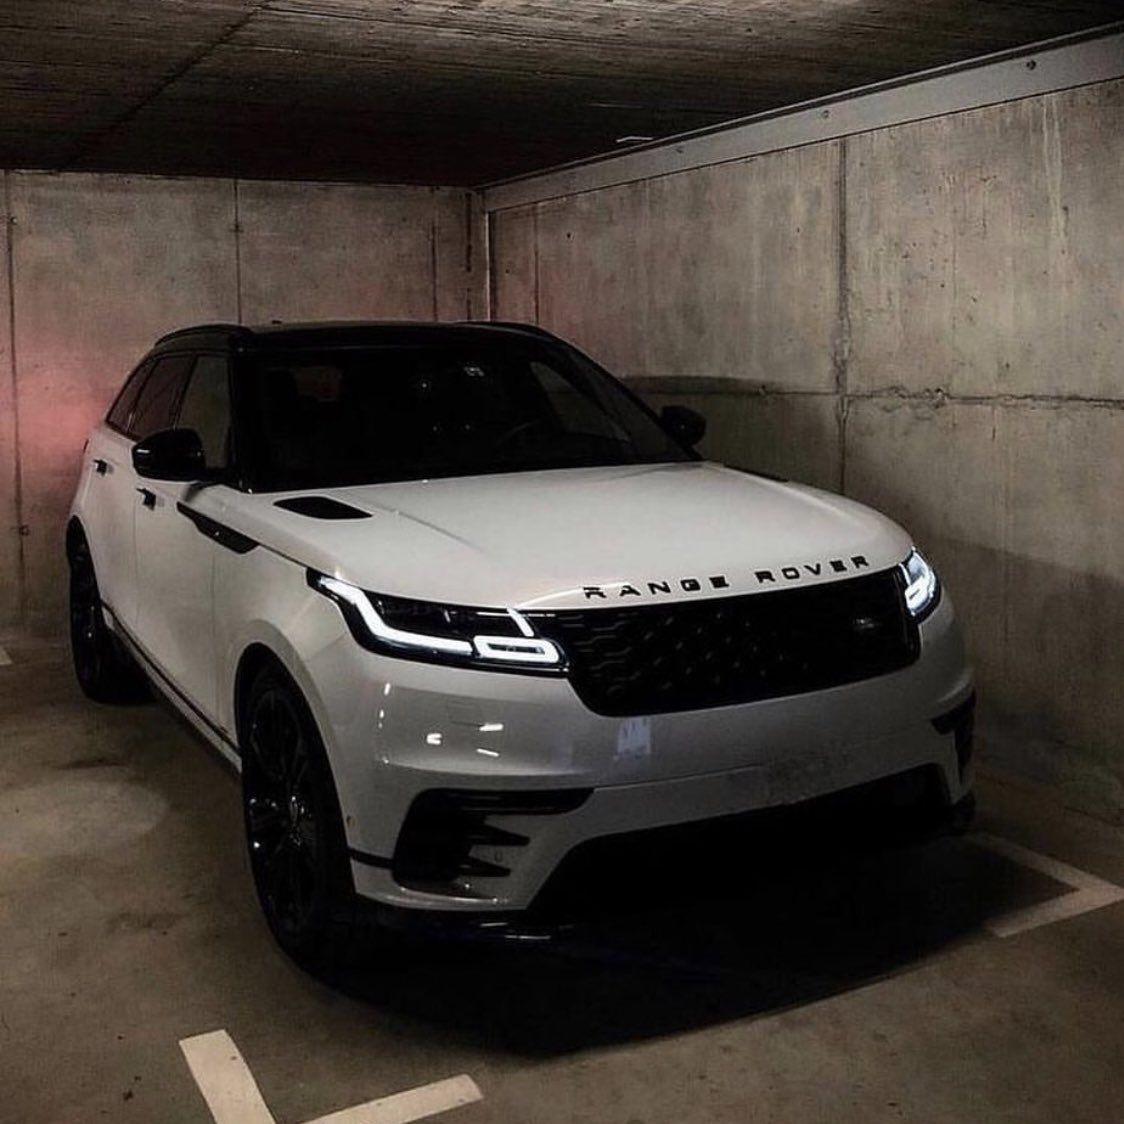 #cars #car #luxurycar #Lamborghini #Bentley #rollroyce #gwagon #wagon #carinterior #carexterior #interior #exterior #celebrity #celebritycars #expensive #expensivecar